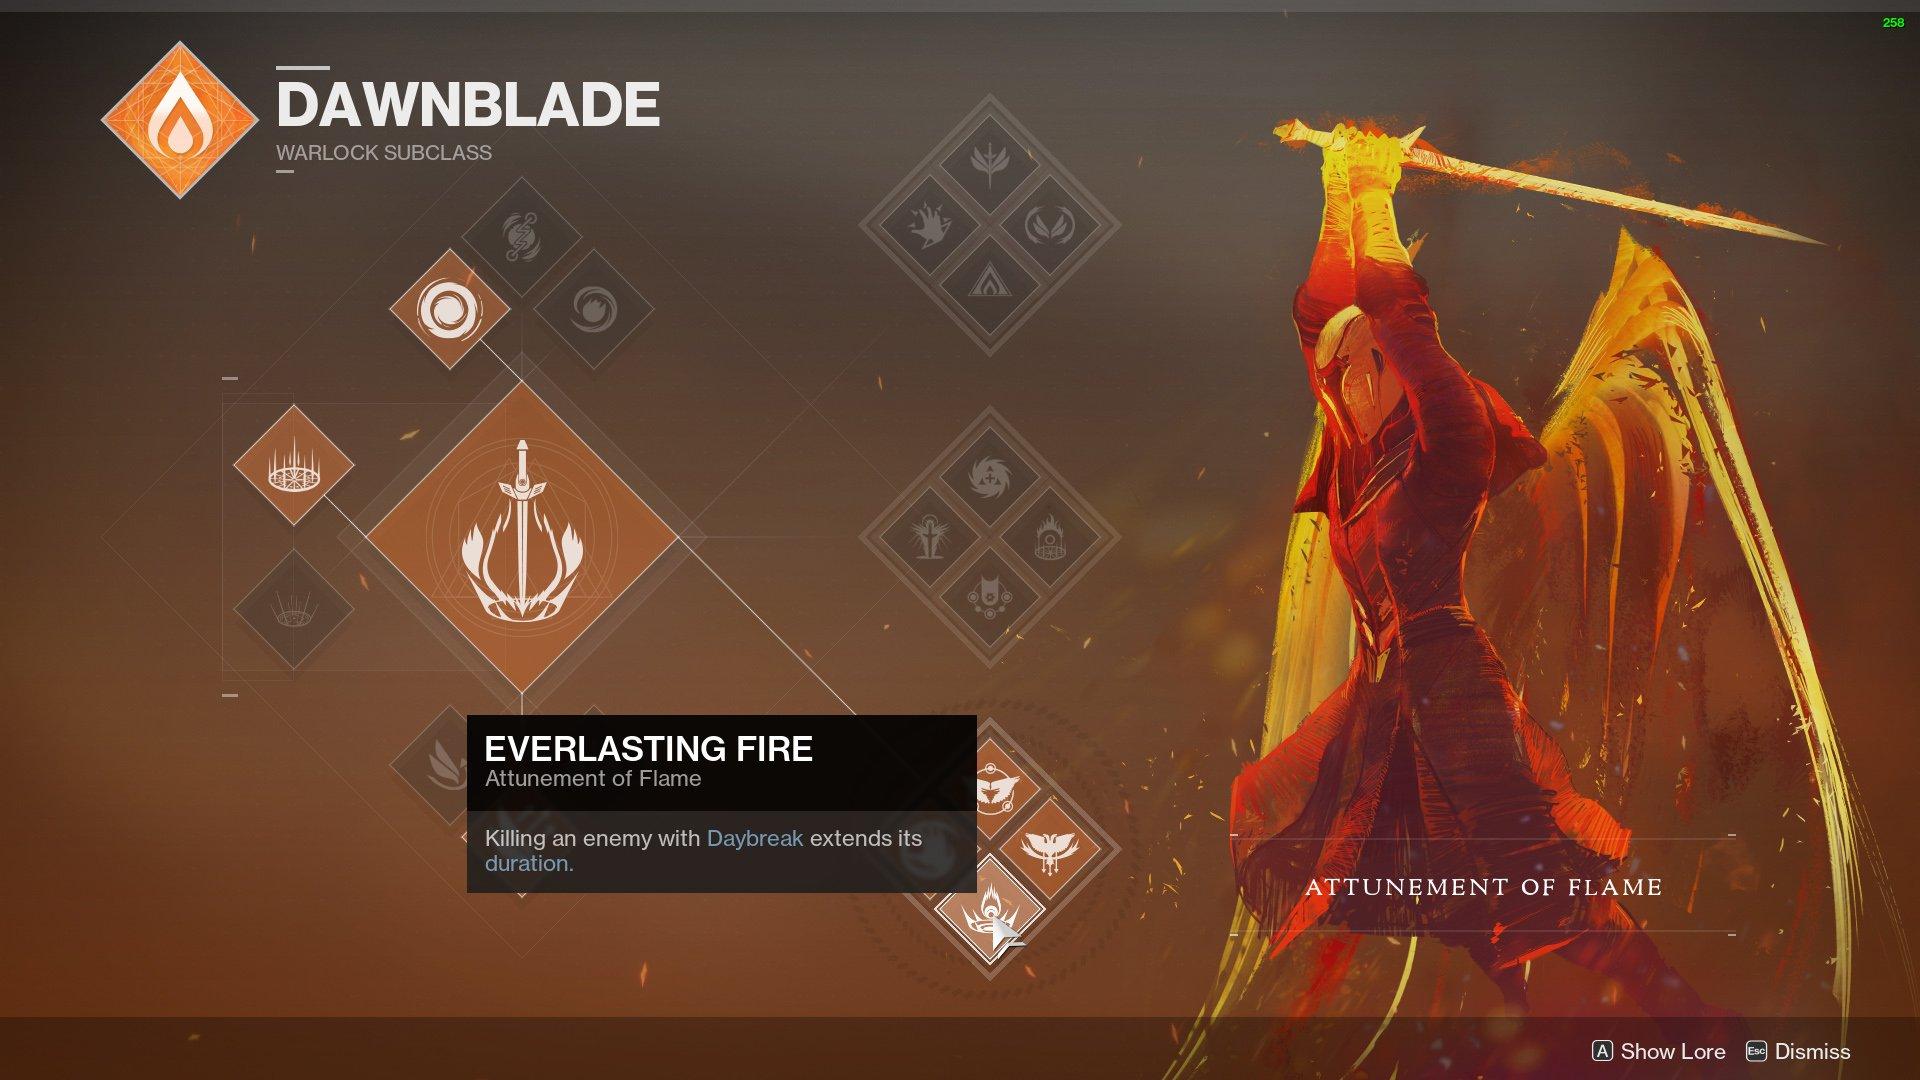 Destiny 2 Dawnblade Warlock nerf